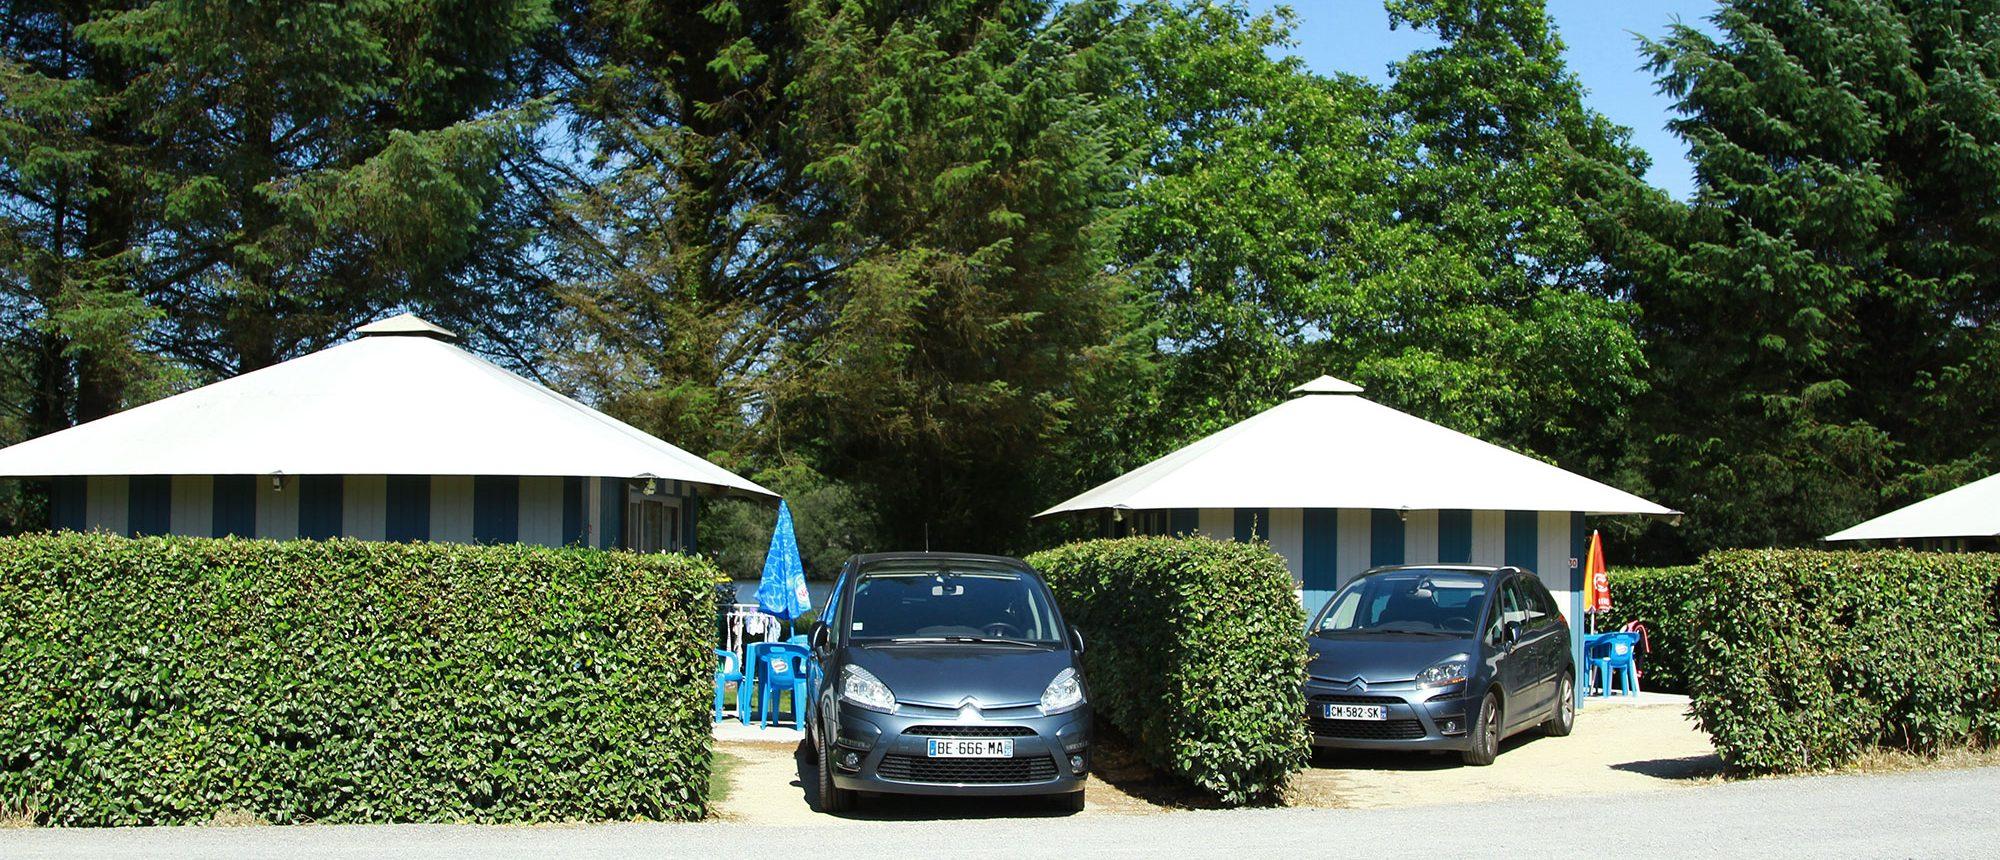 location au camping à proximité du parc d'attraction en Bretagne